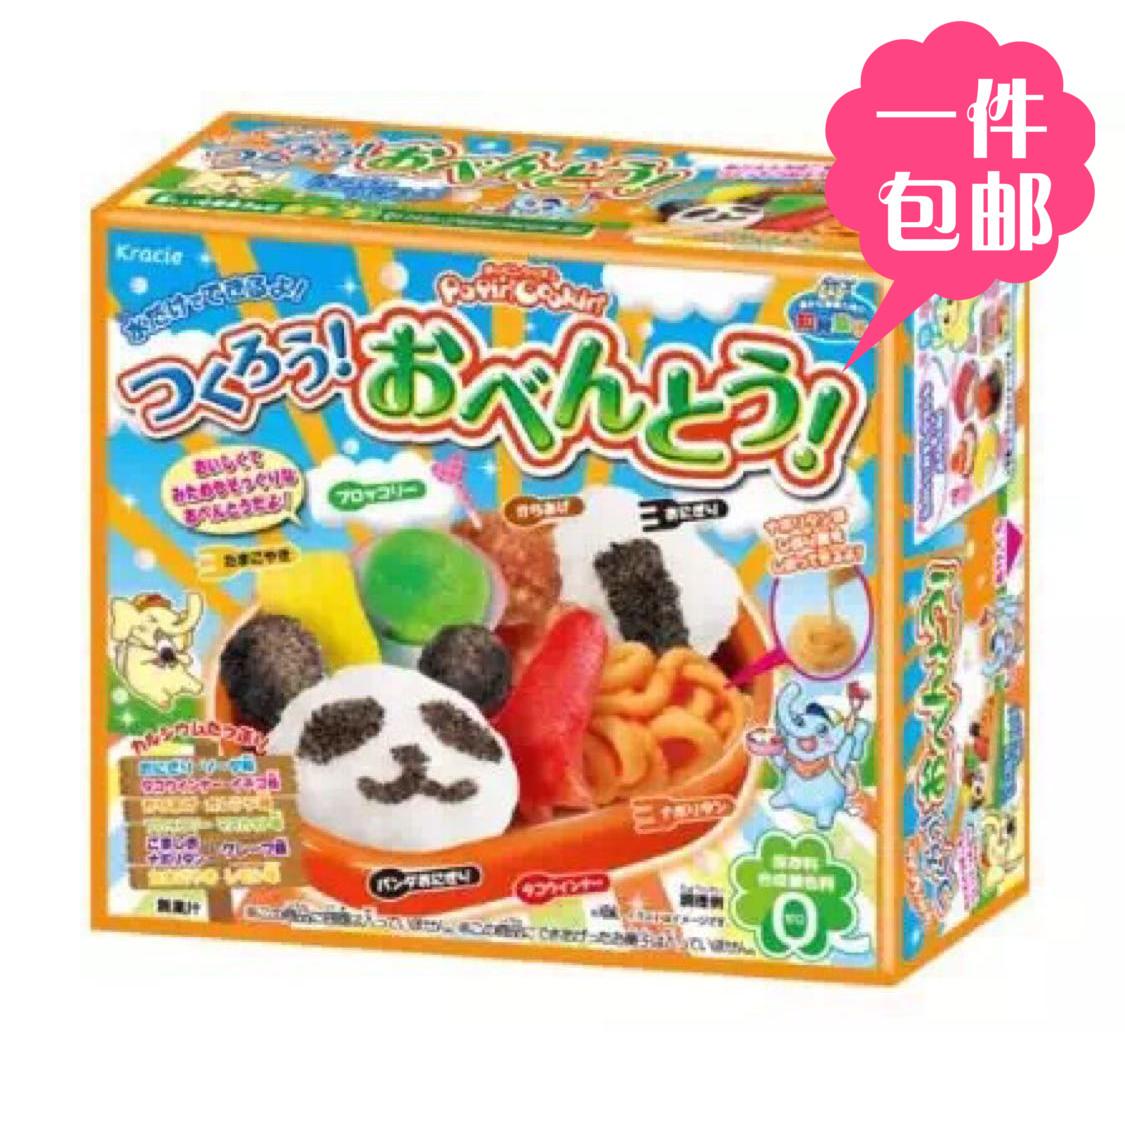 日本食玩_日本·糖果·日本kracie食玩diy糖果–青蛙堂部落格